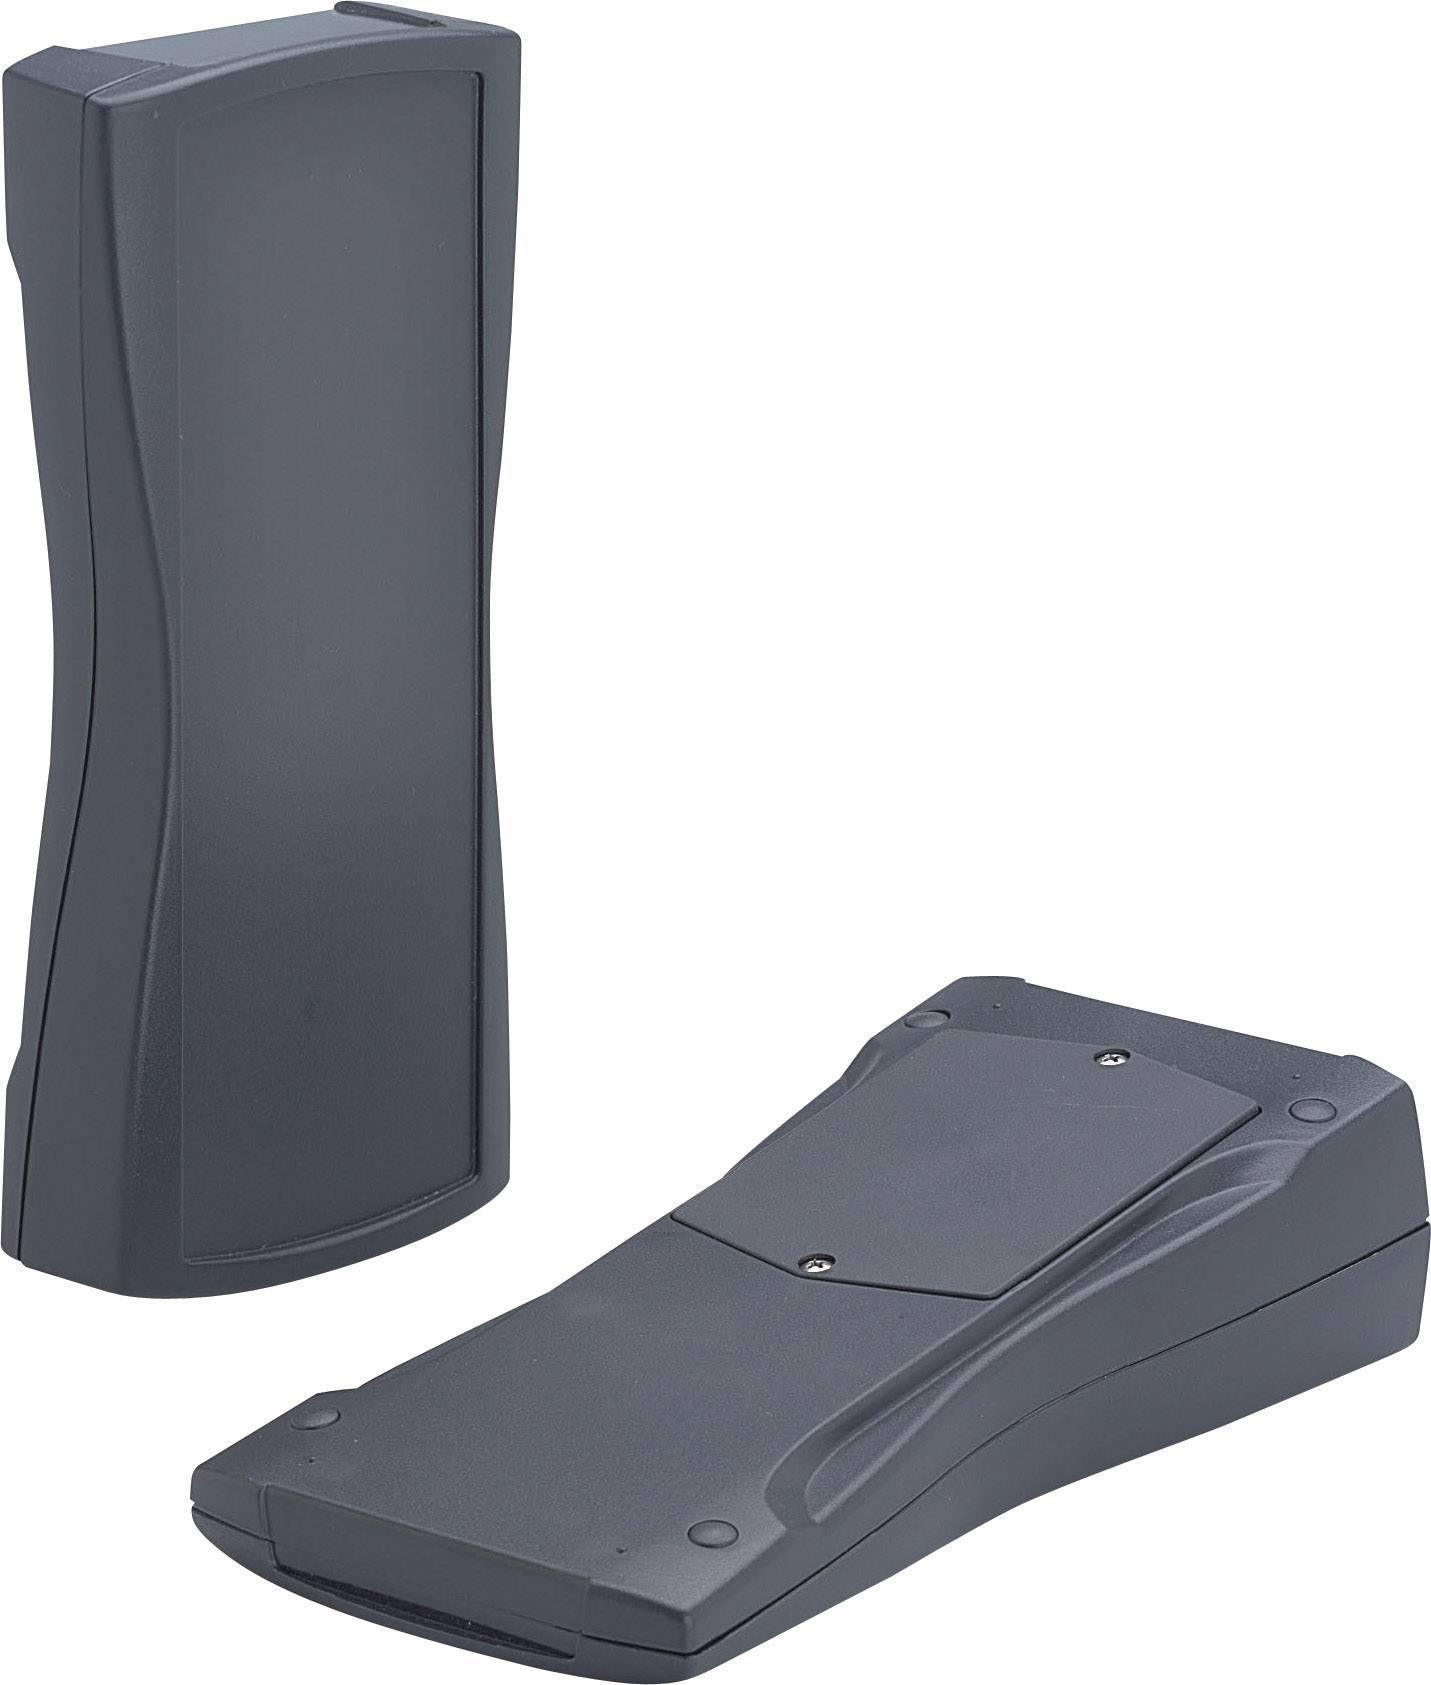 Univerzální pouzdro plastové Bopla BS 800 F, 209,3 x 98 x 34,8 mm, grafit;šedá (BS 800 F)